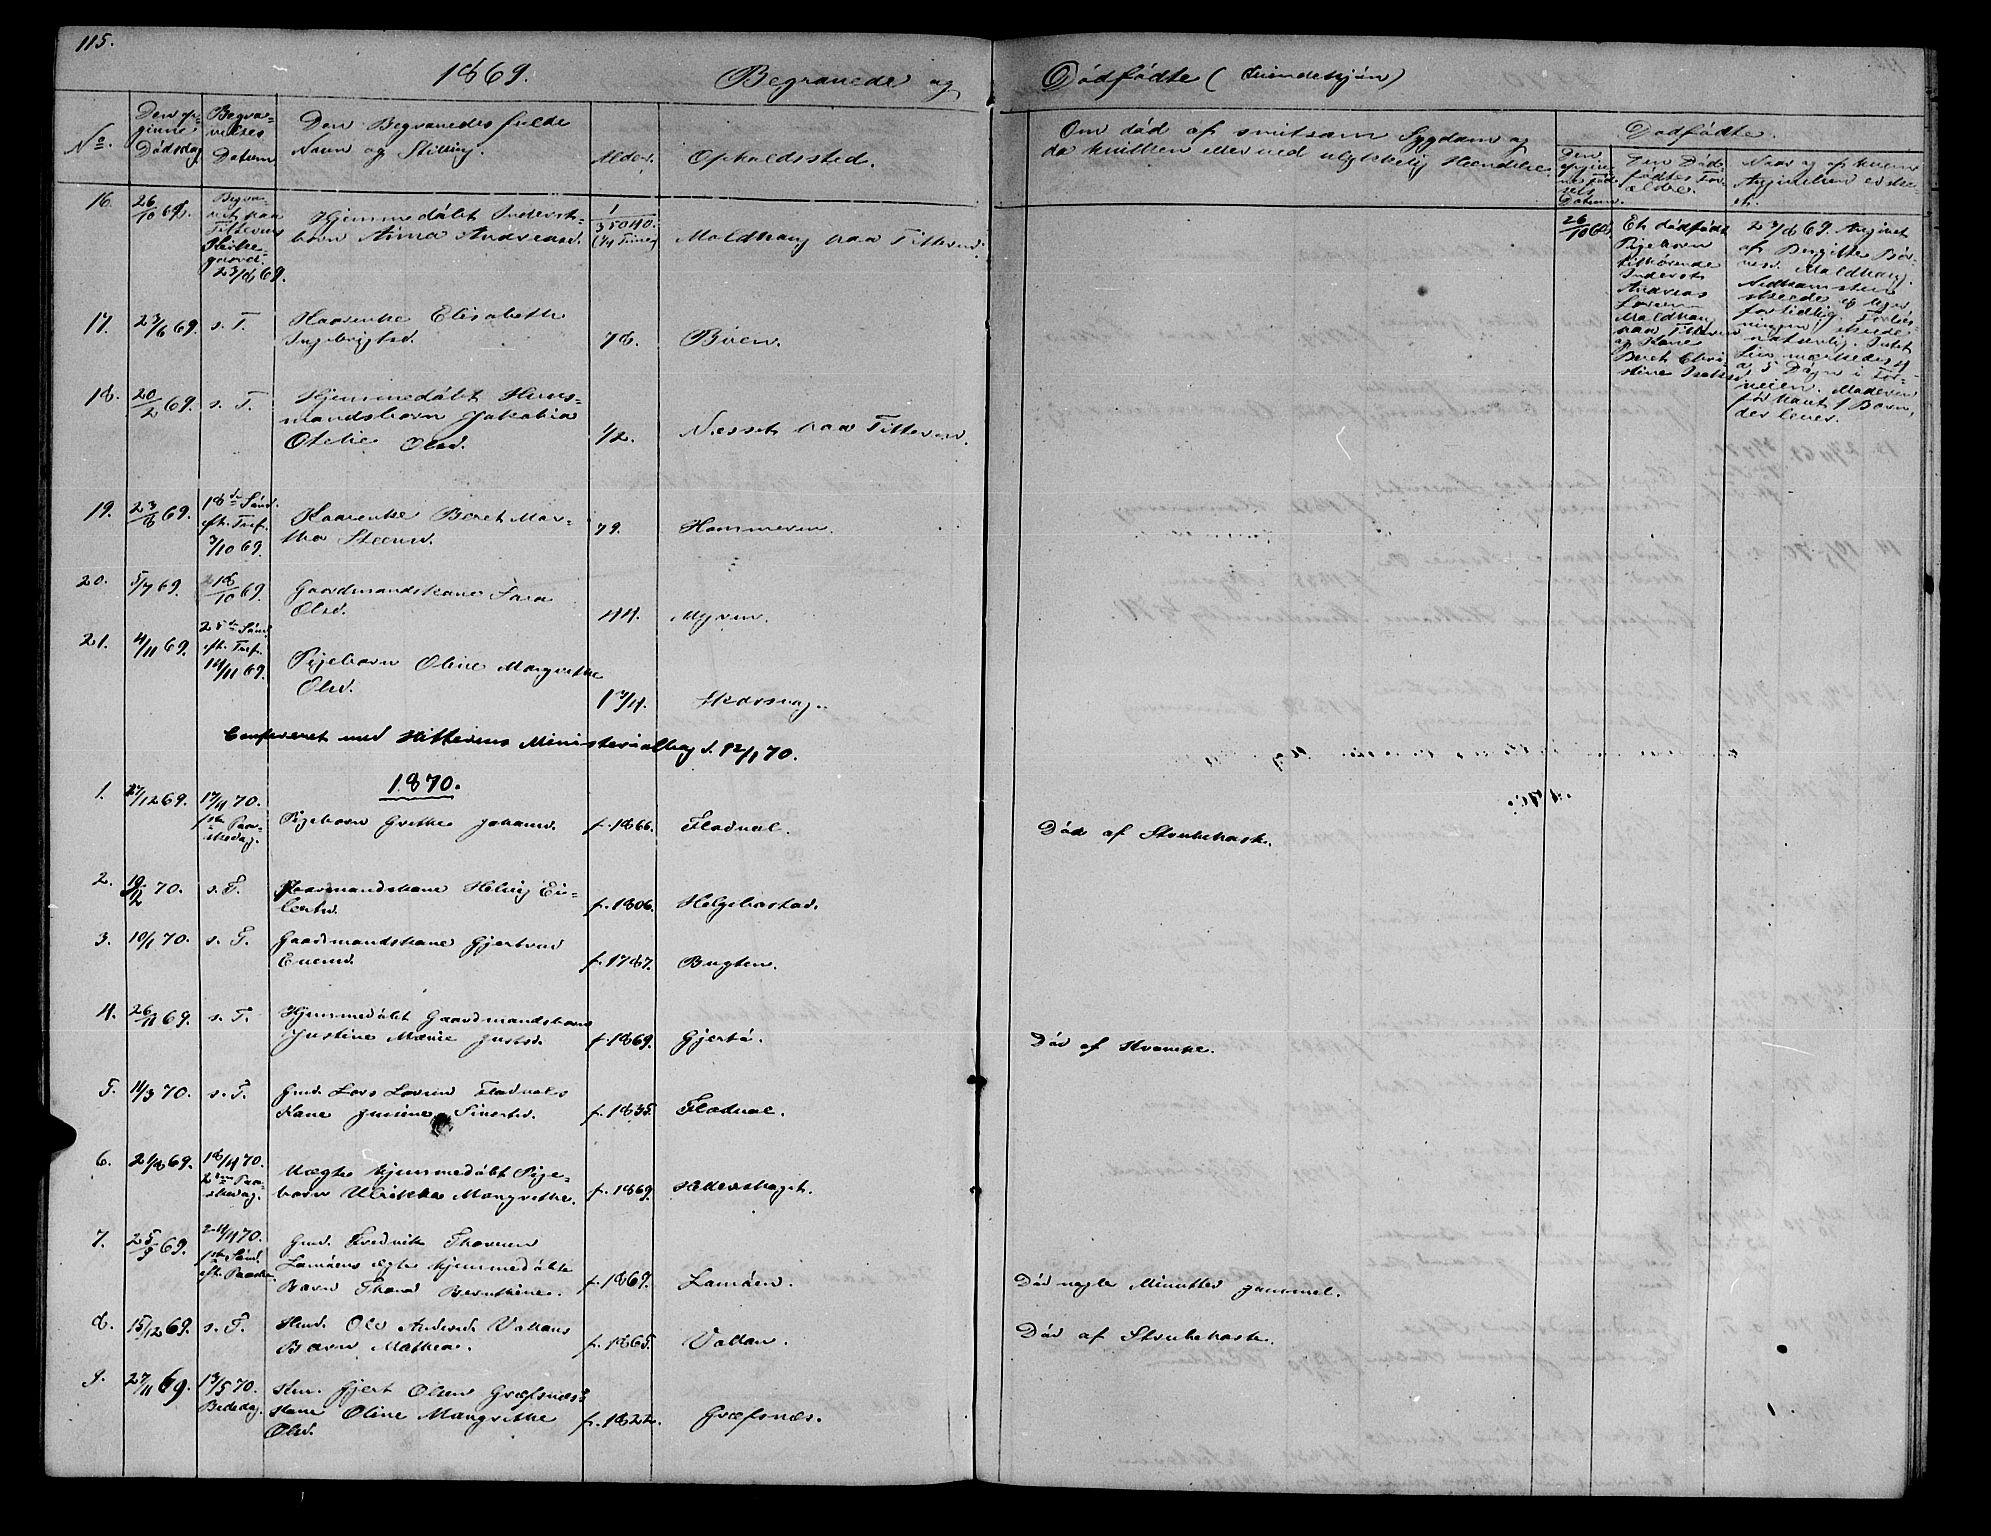 SAT, Ministerialprotokoller, klokkerbøker og fødselsregistre - Sør-Trøndelag, 634/L0539: Klokkerbok nr. 634C01, 1866-1873, s. 115